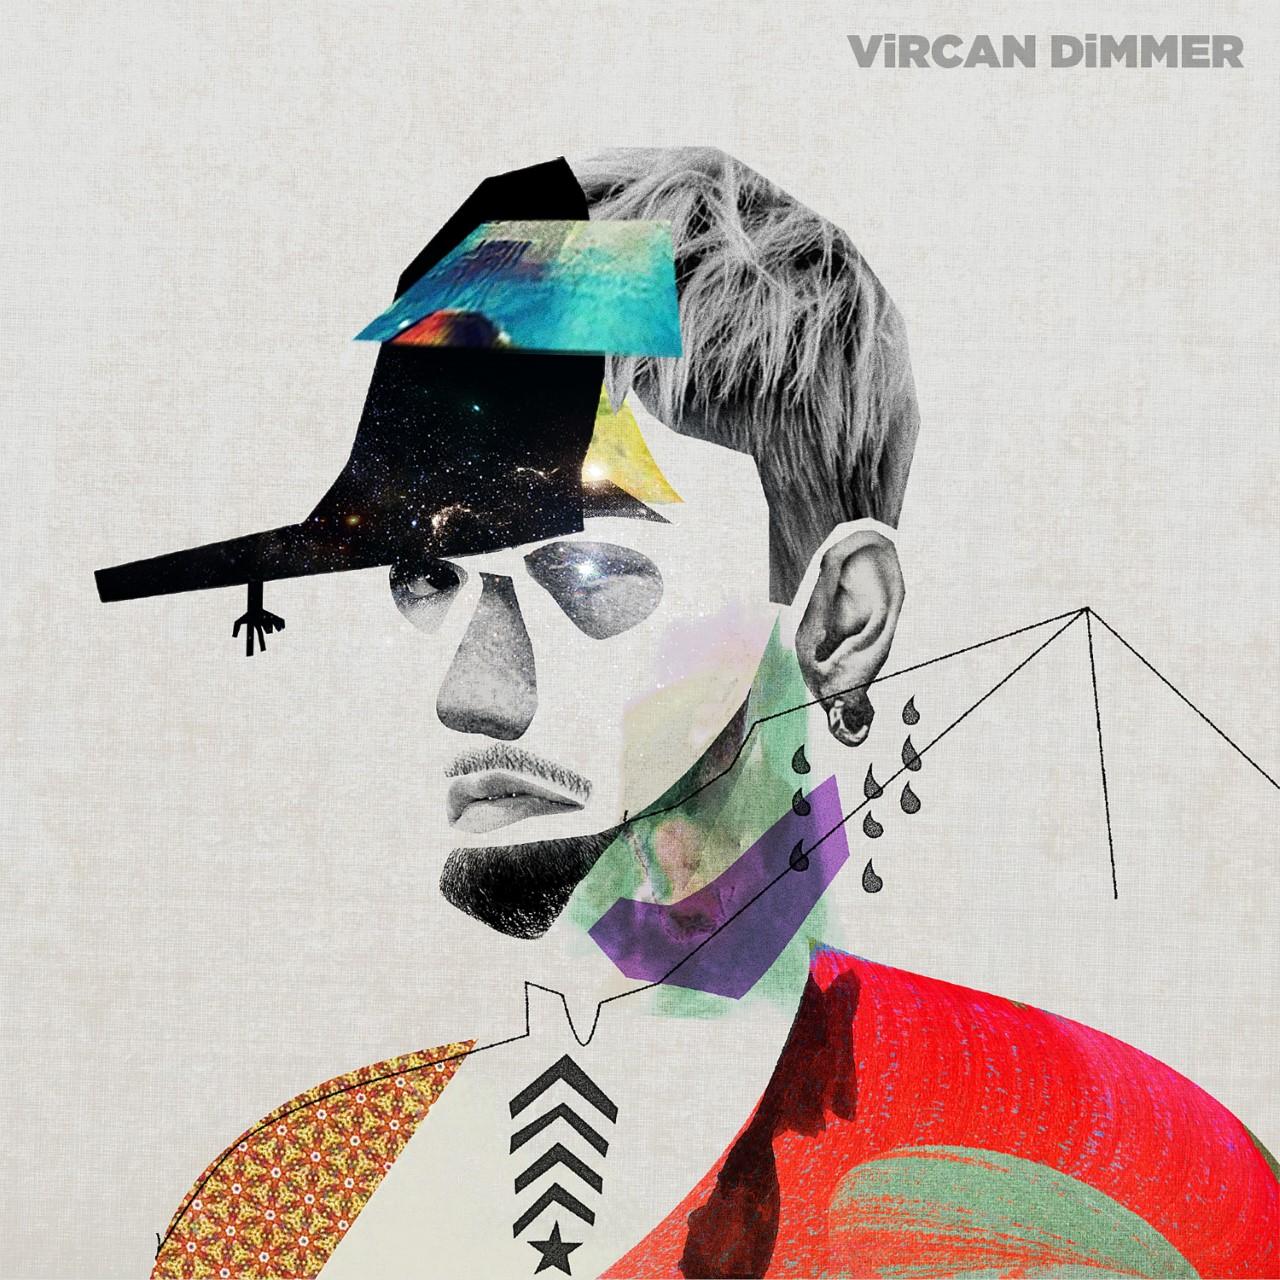 Diggy-MO'× HAMMER、伝説のラップユニット『ViRCAN DiMMER』が遂にベールを脱ぐサムネイル画像